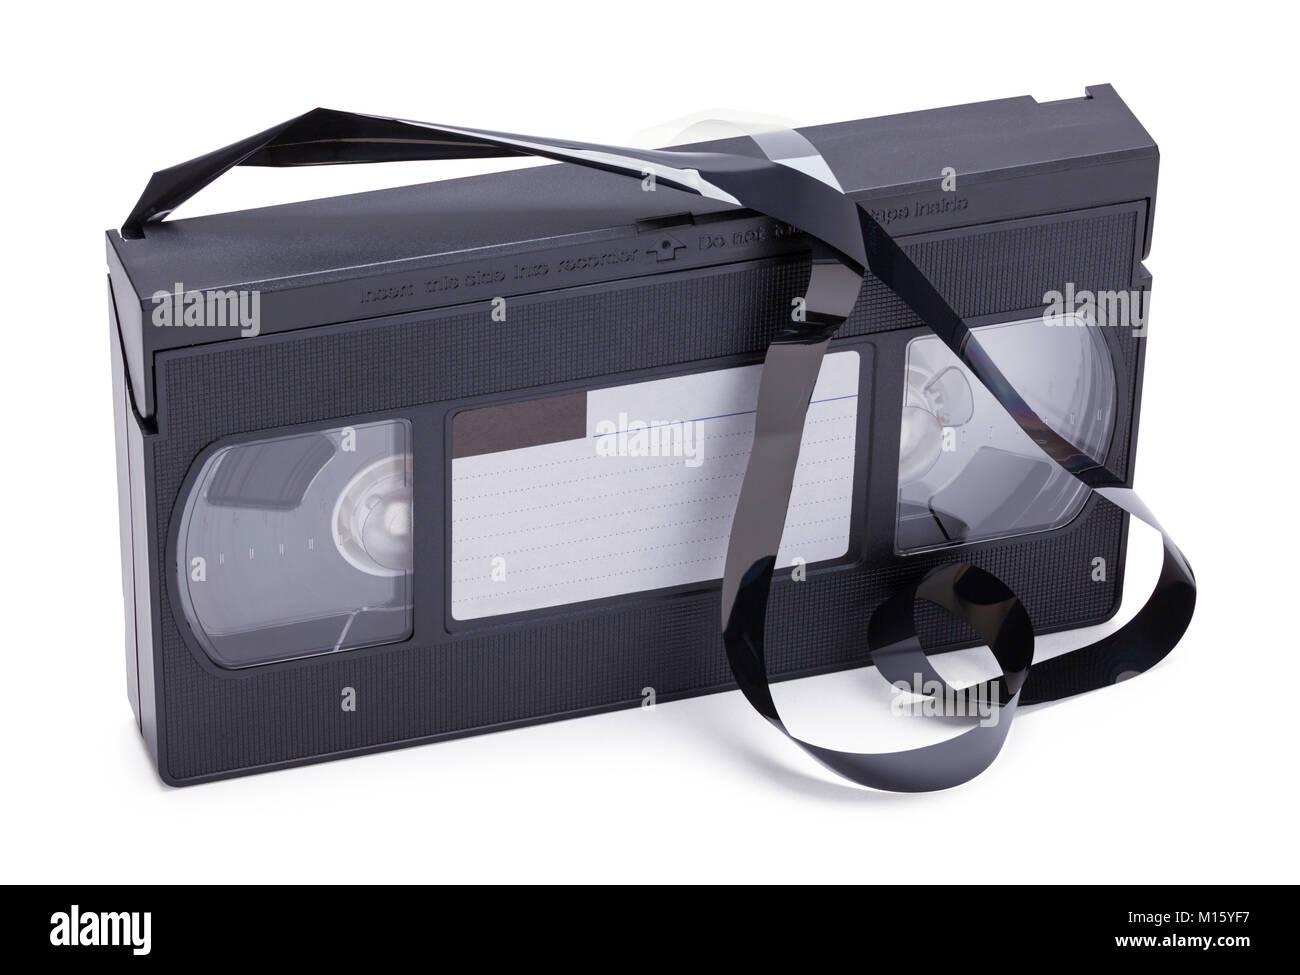 VHS-Kassette gebrochen und Lockerte sich isoliert auf einem weißen Hintergrund. Stockbild